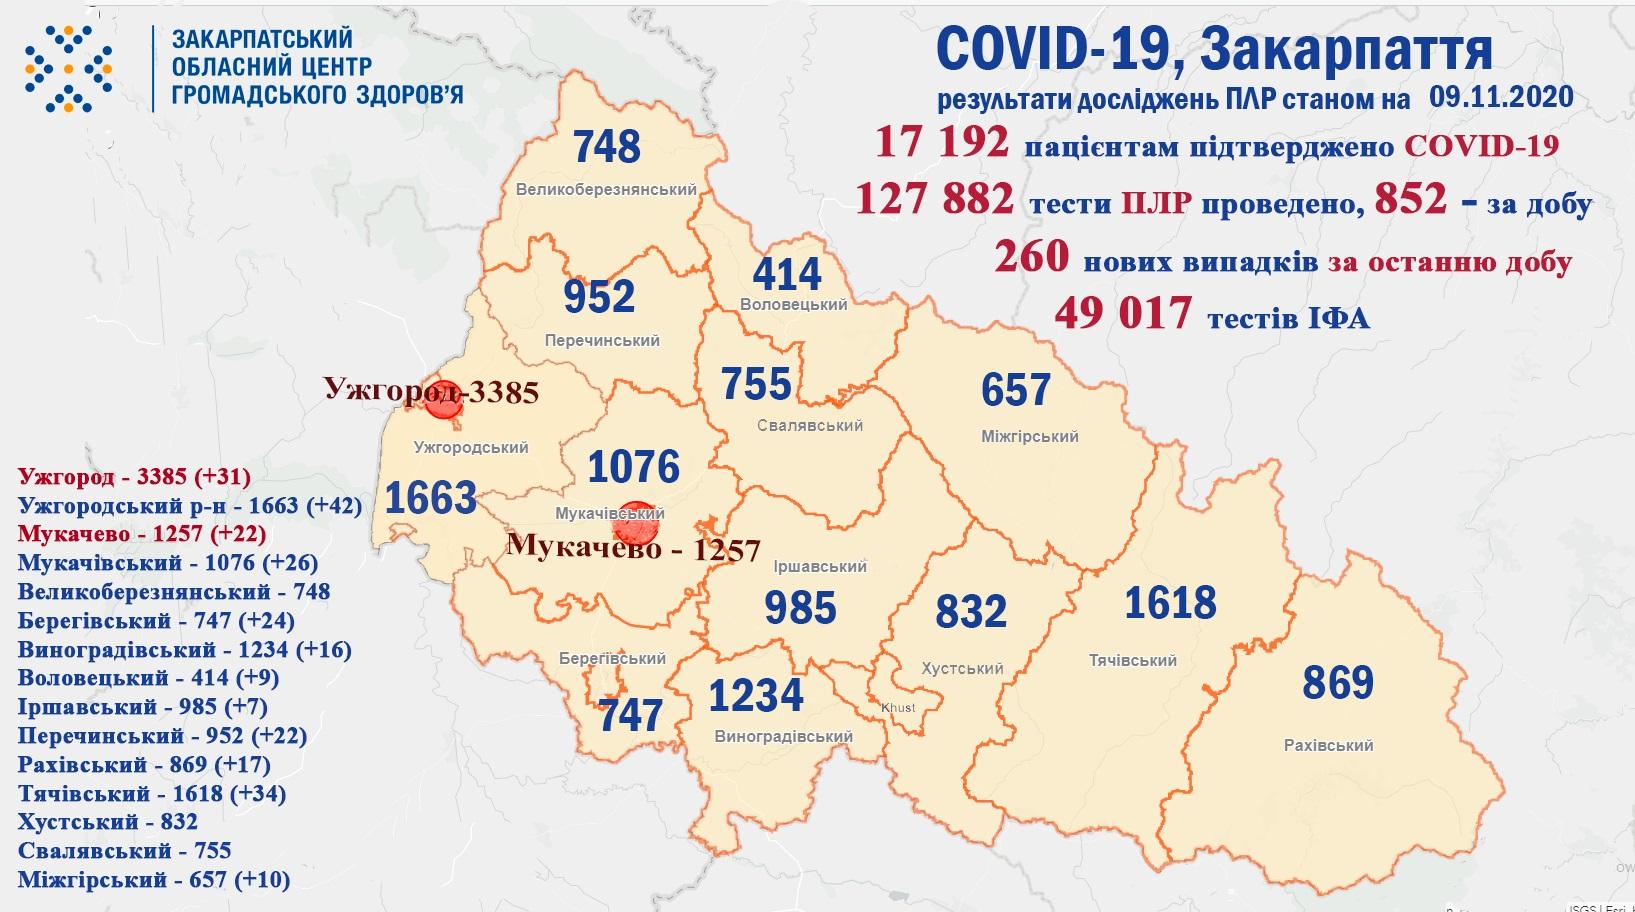 За добу на Закарпатті виявлено 260 випадків коронавірусу